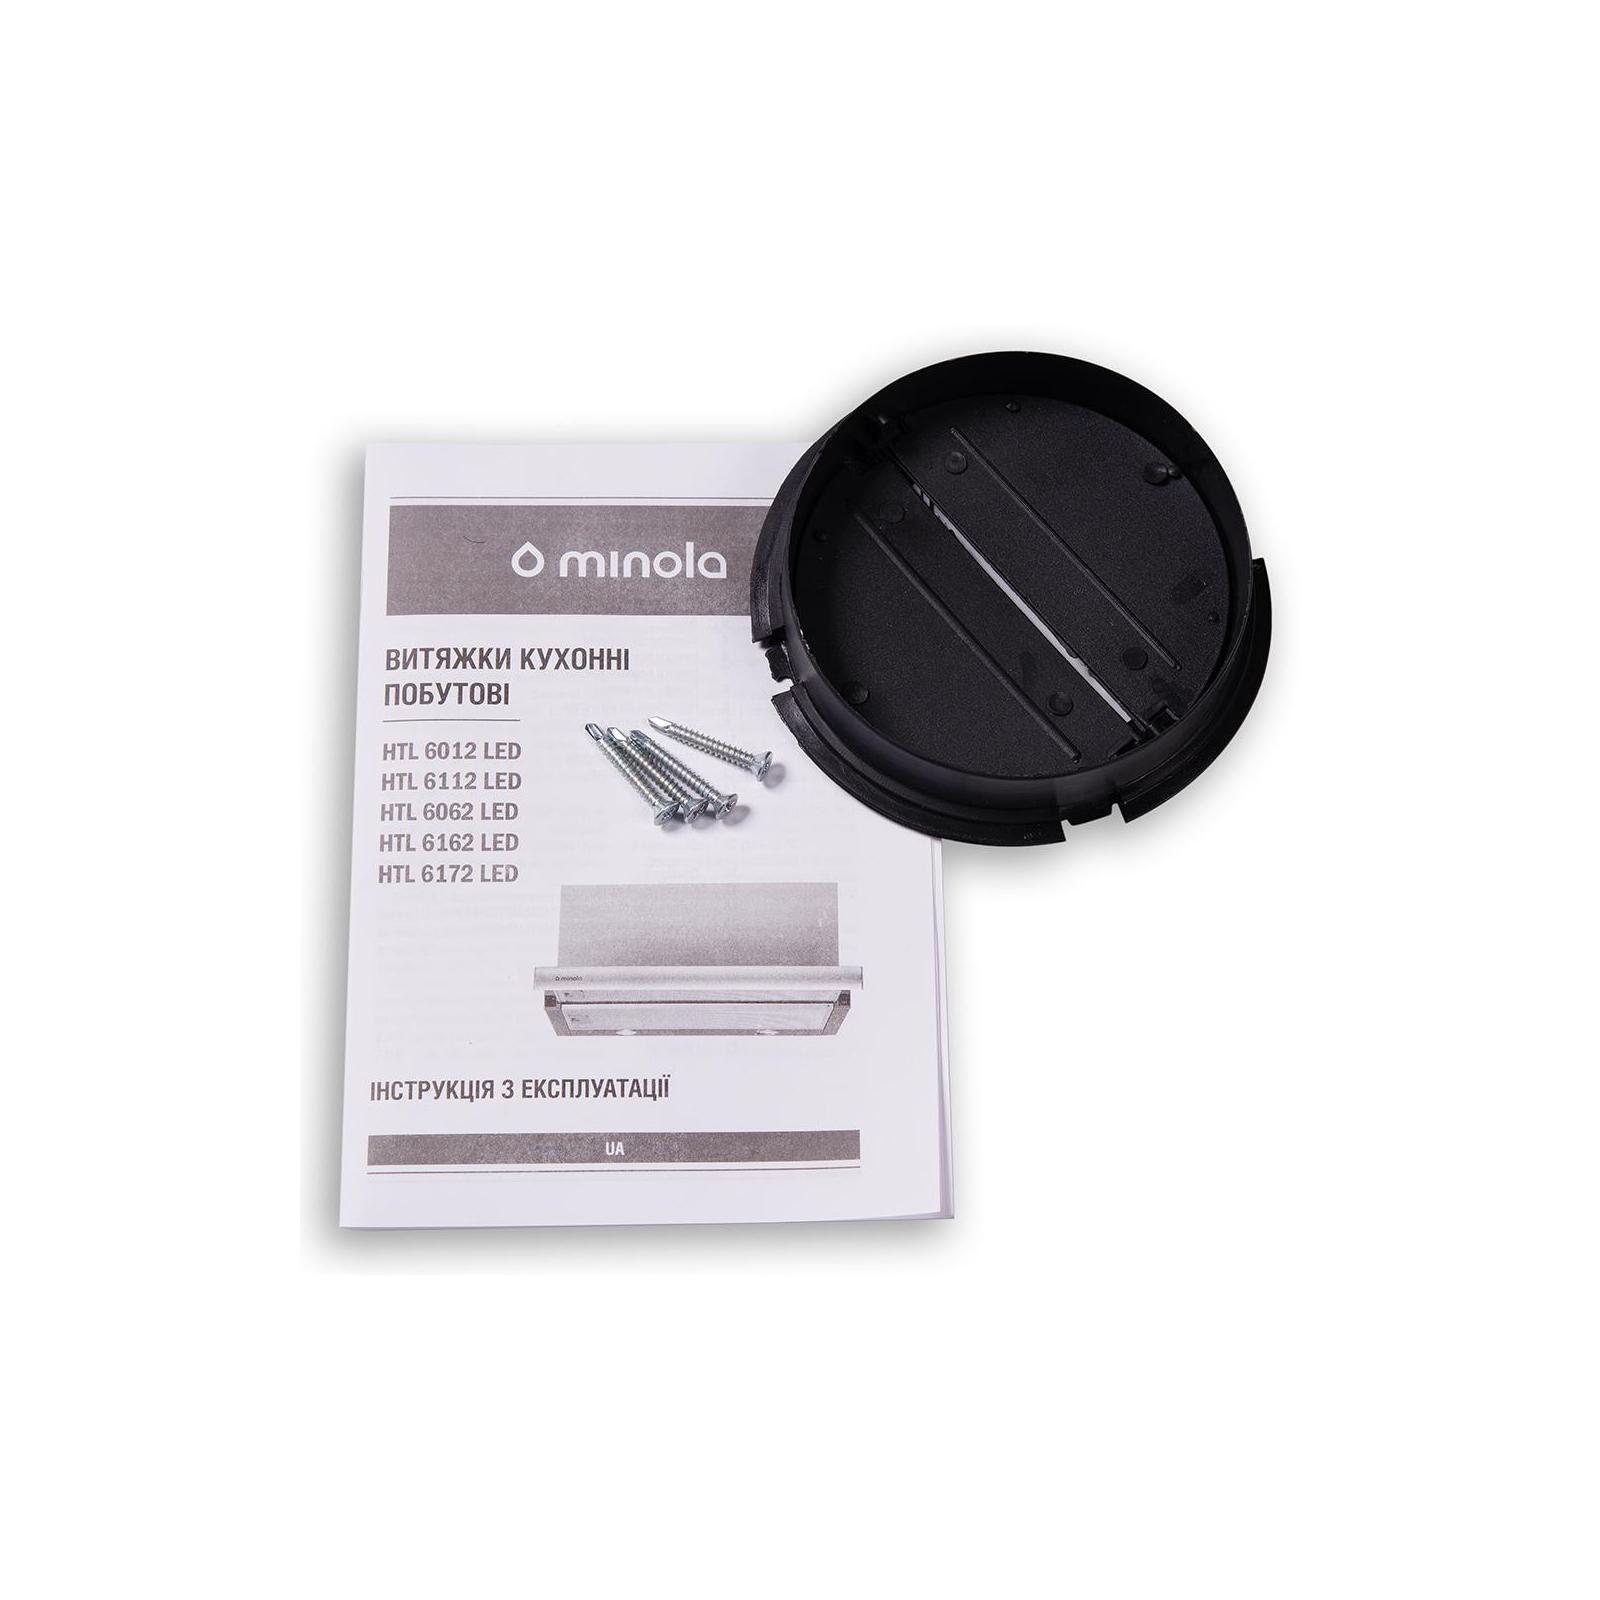 Вытяжка кухонная MINOLA HTL 6012 IV 450 LED изображение 9